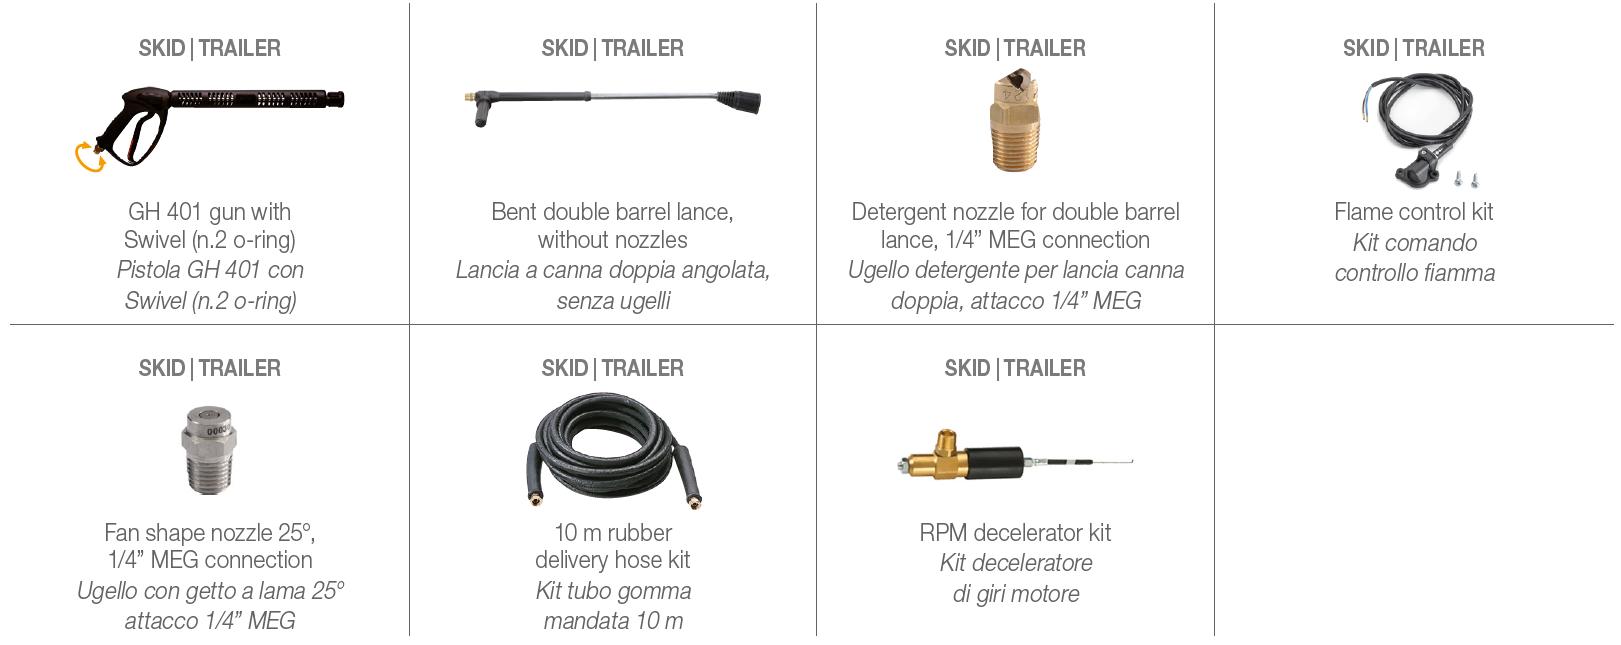 FDX HOT CUBE Standard Accessories